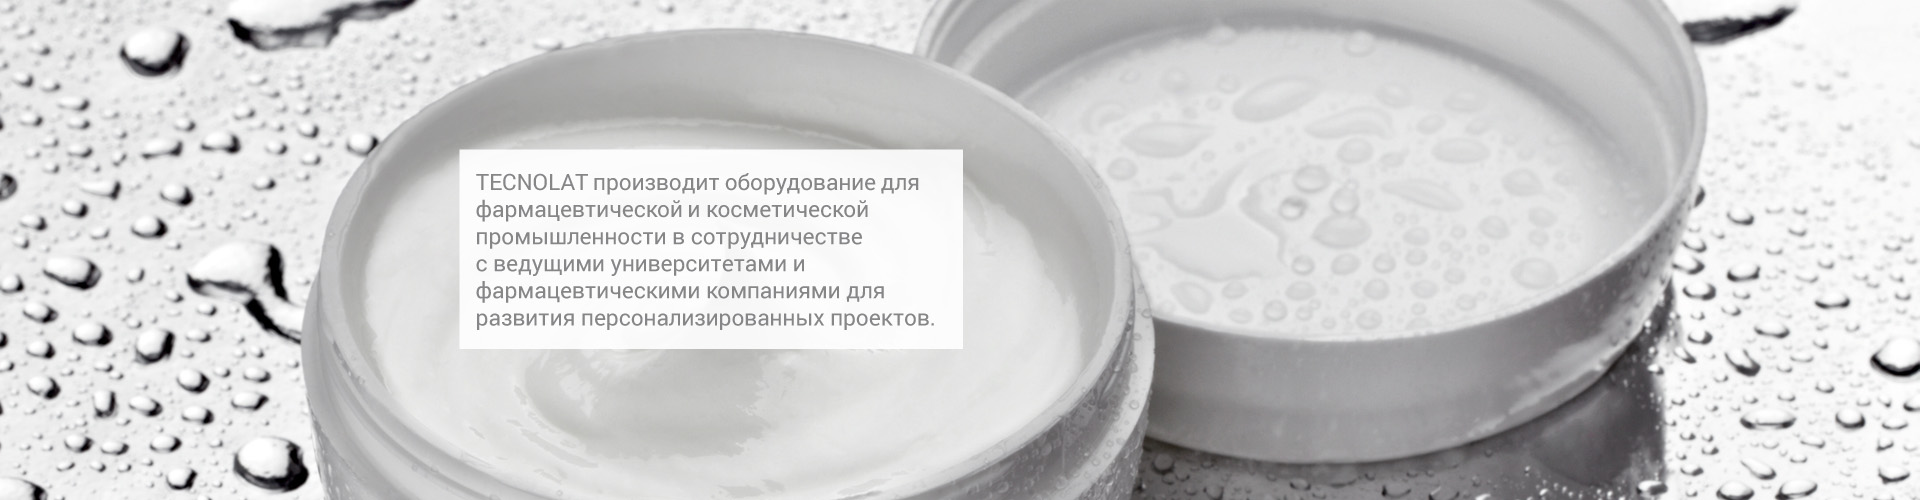 macchine_cosmetico_ru